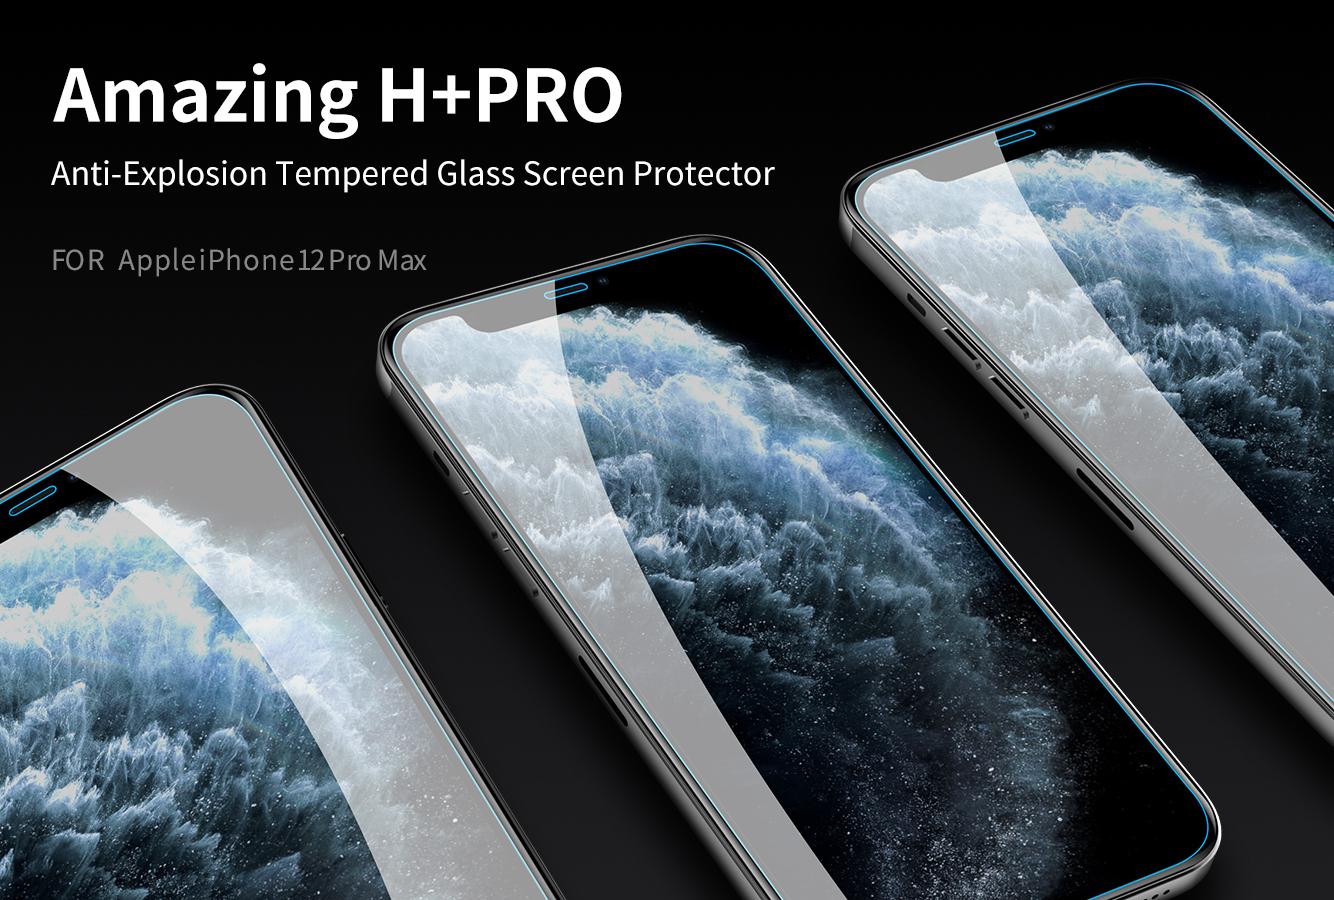 Dán cường lực iPhone 12 ProMax hiệu Nillkin H+ PRO 0.2mm